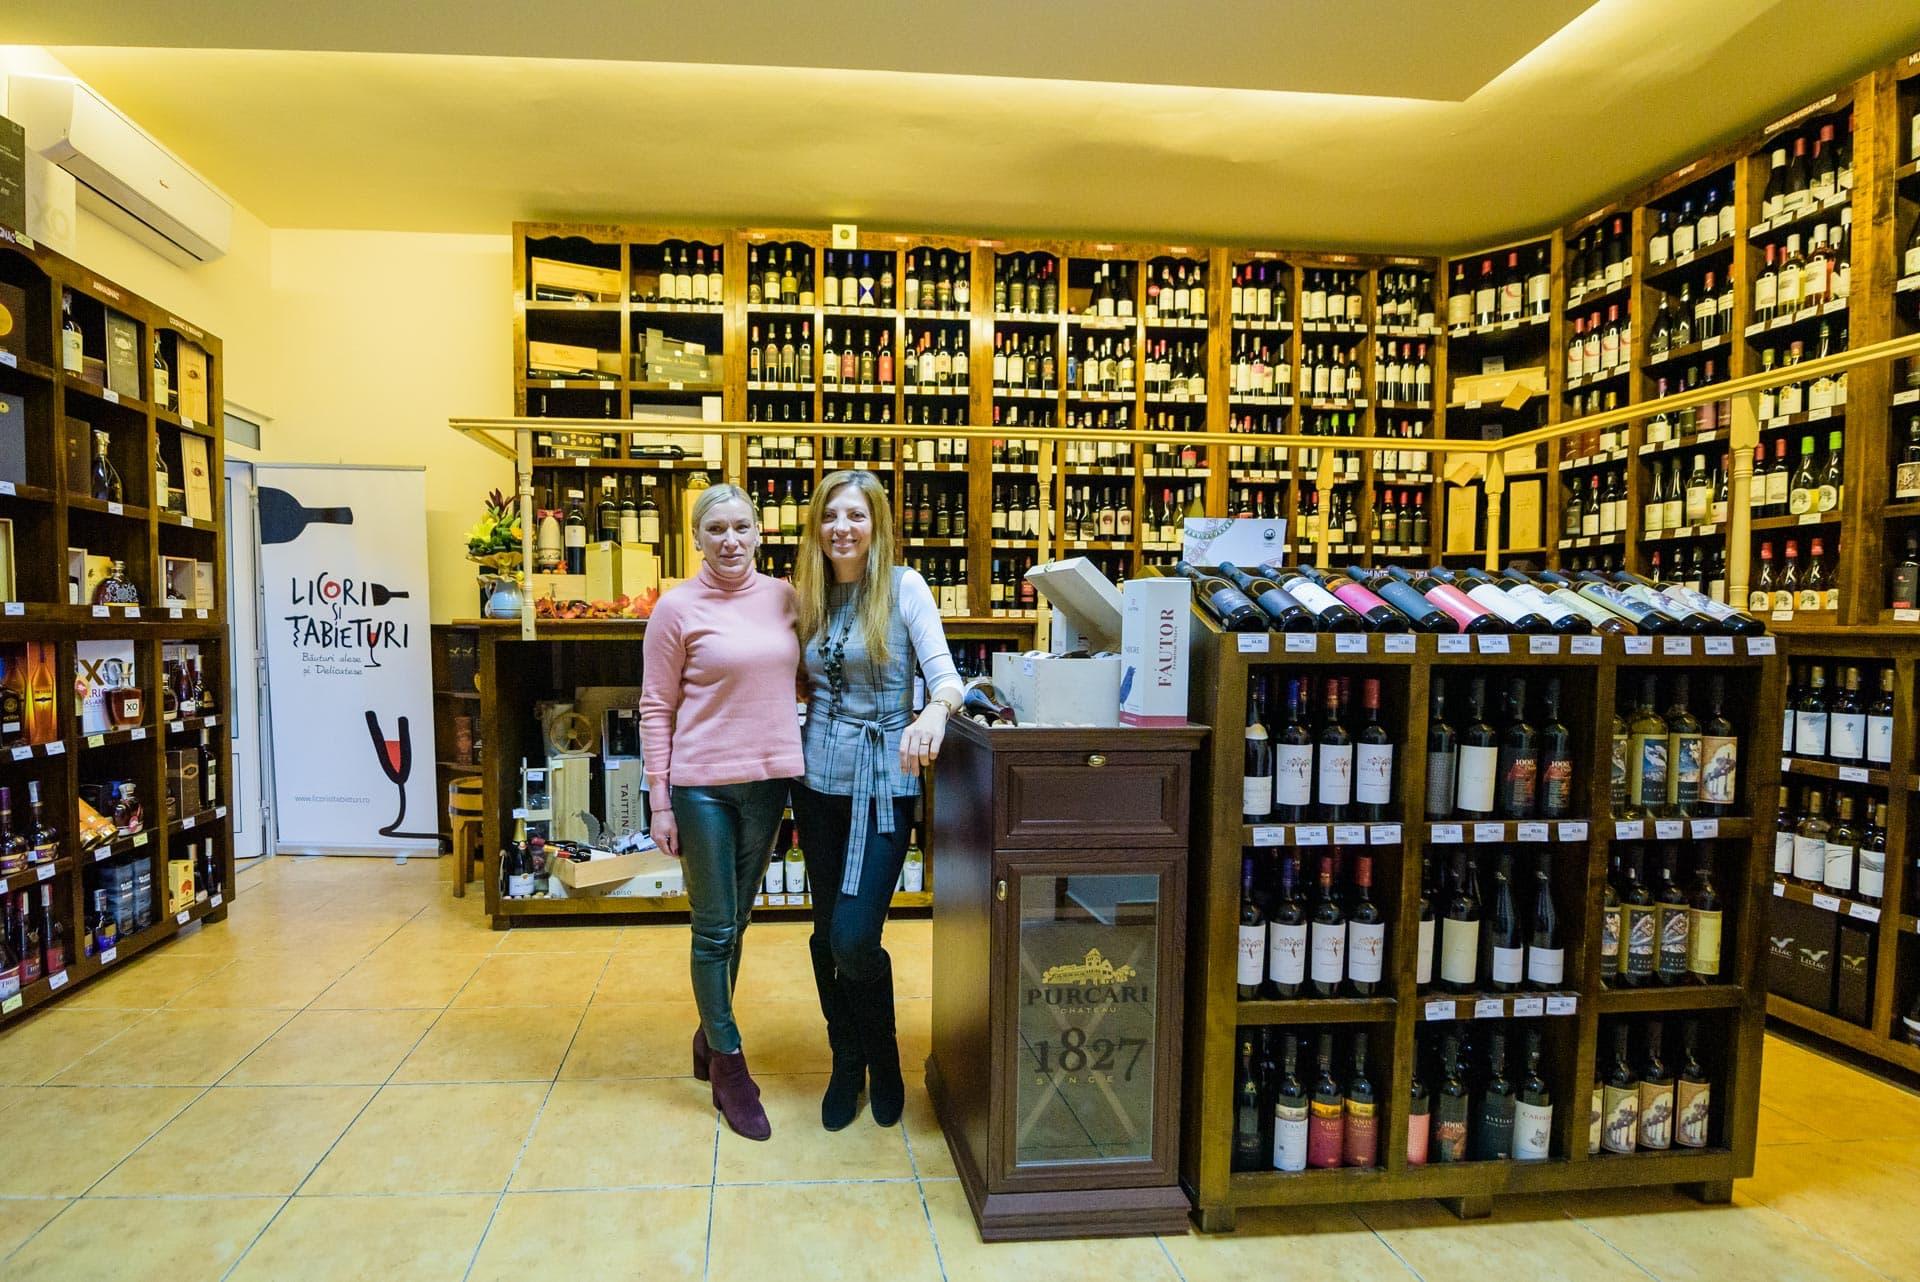 Interviu cu Felicia și Alina, co-fondatoare a magazinului Licori și Tabieturi